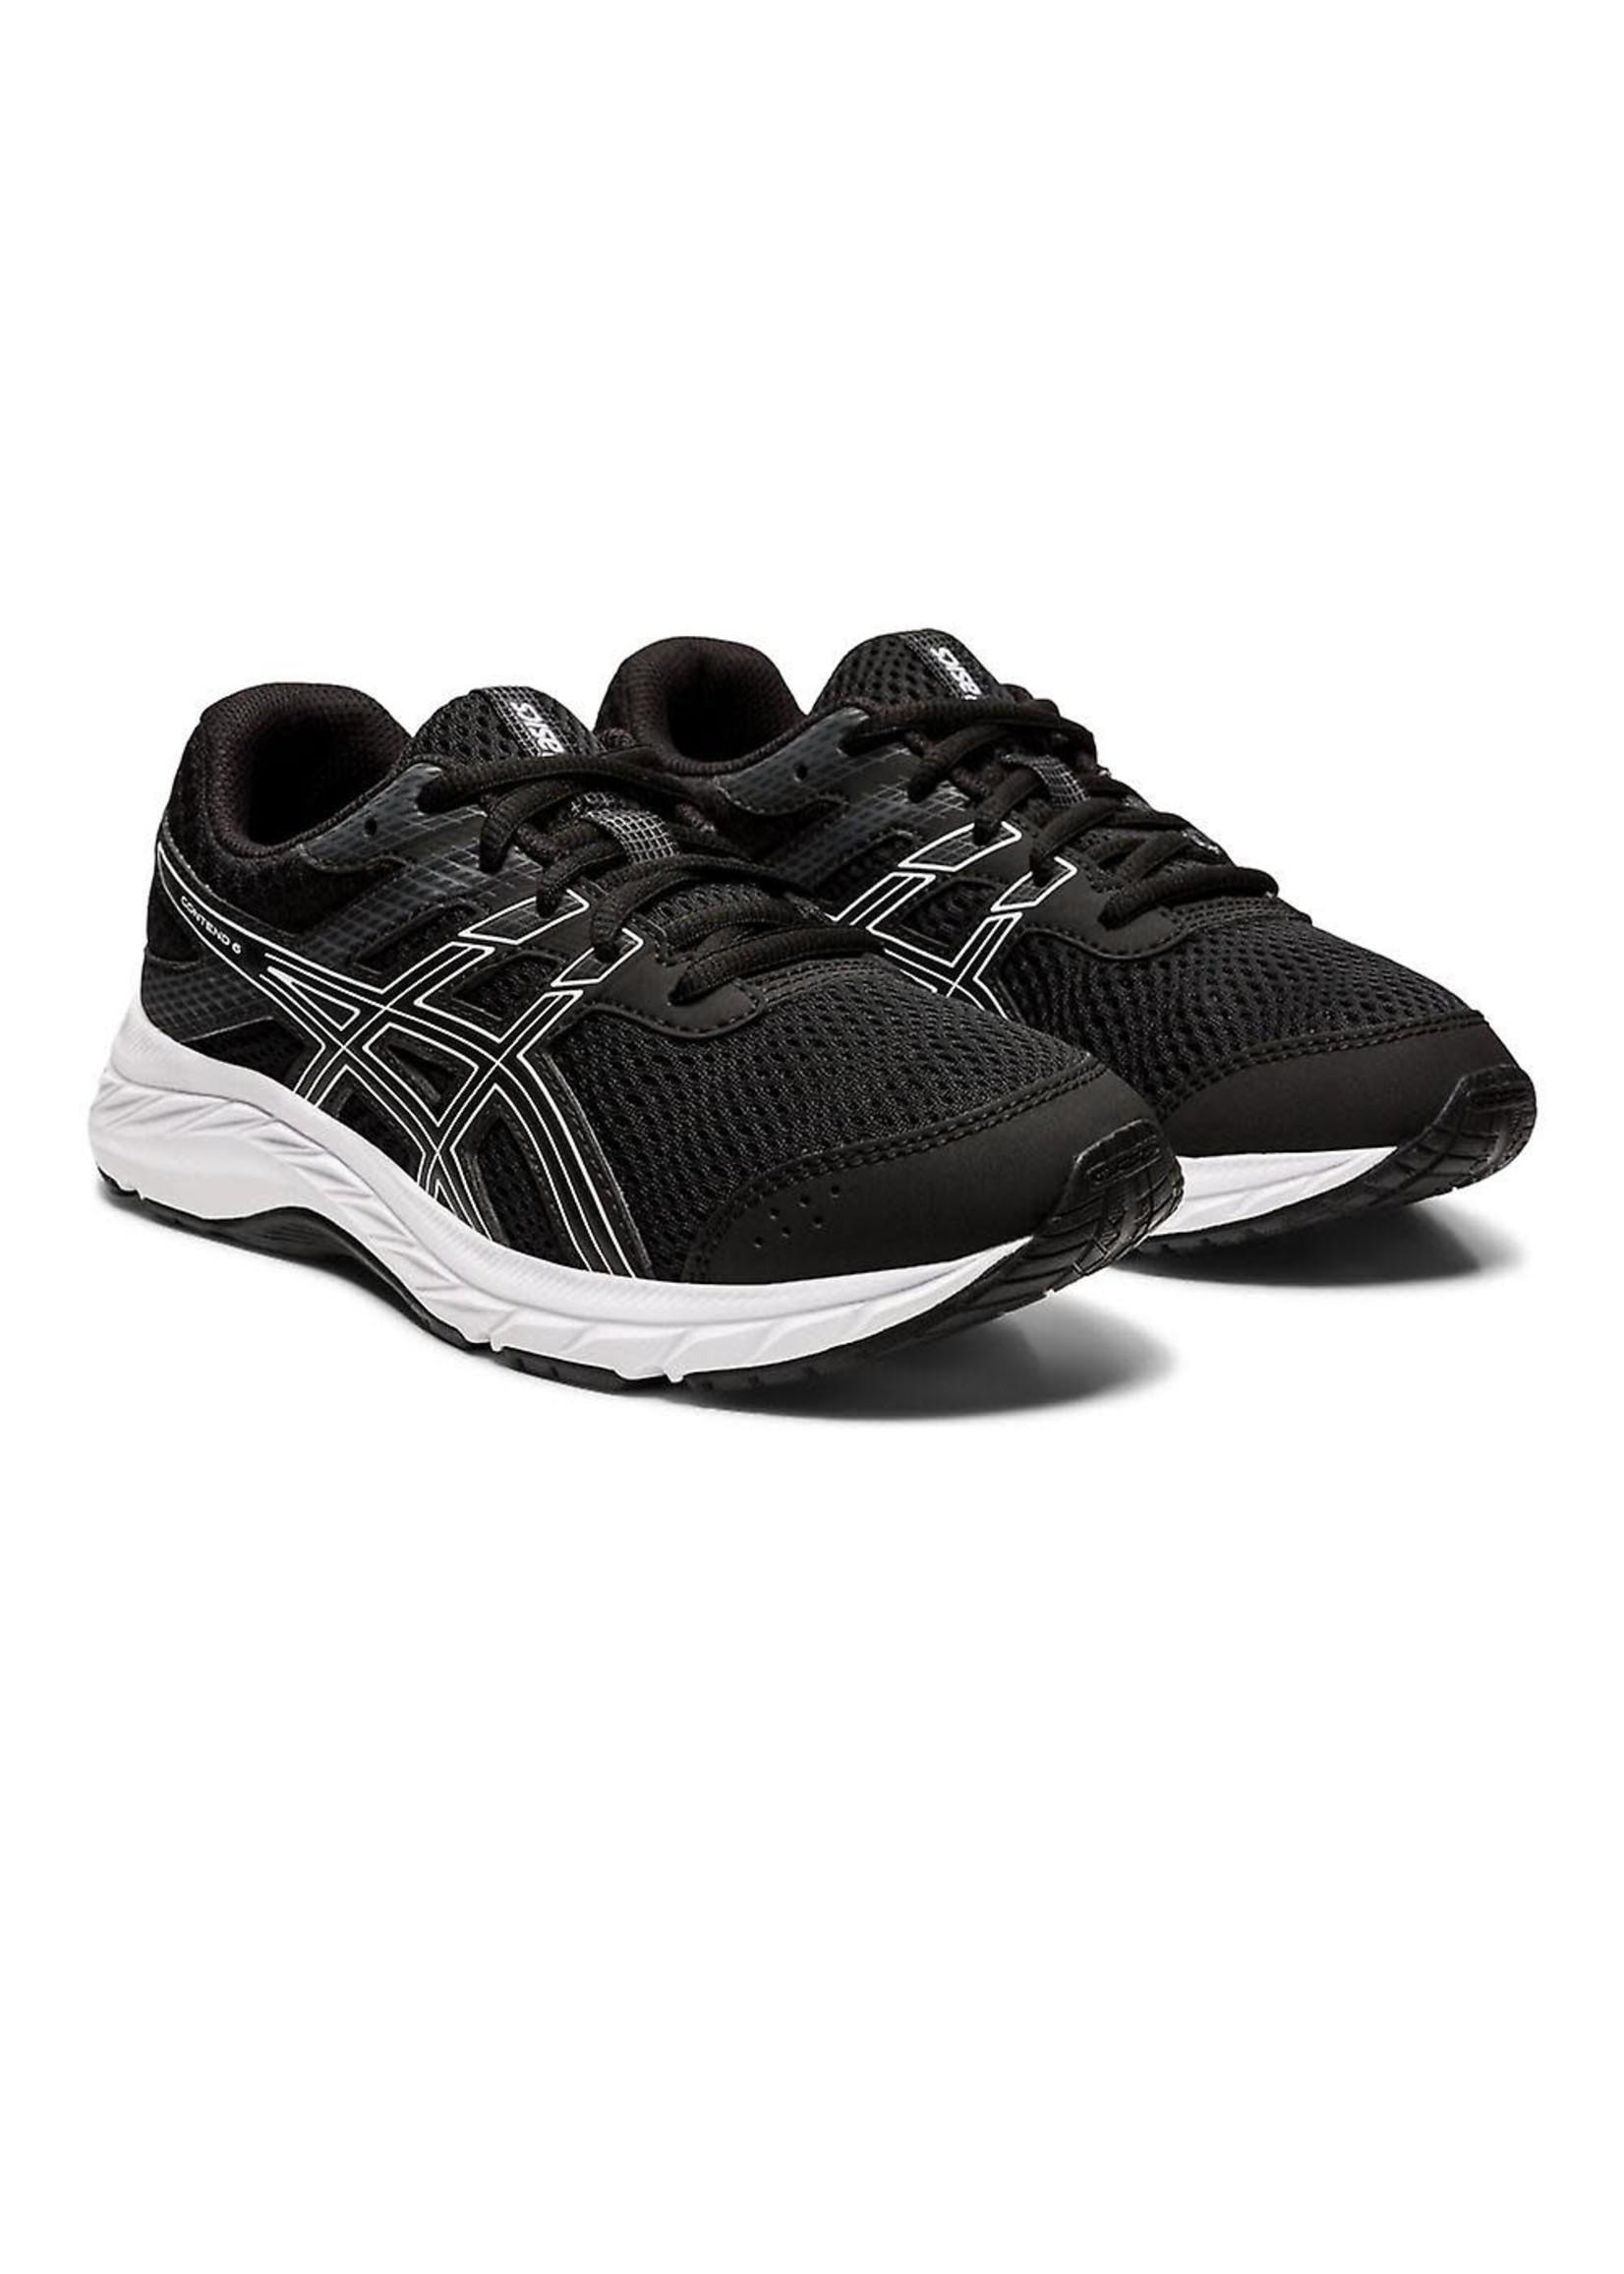 Asics Asics Contend 6 GS Junior Running Shoe, Black/White